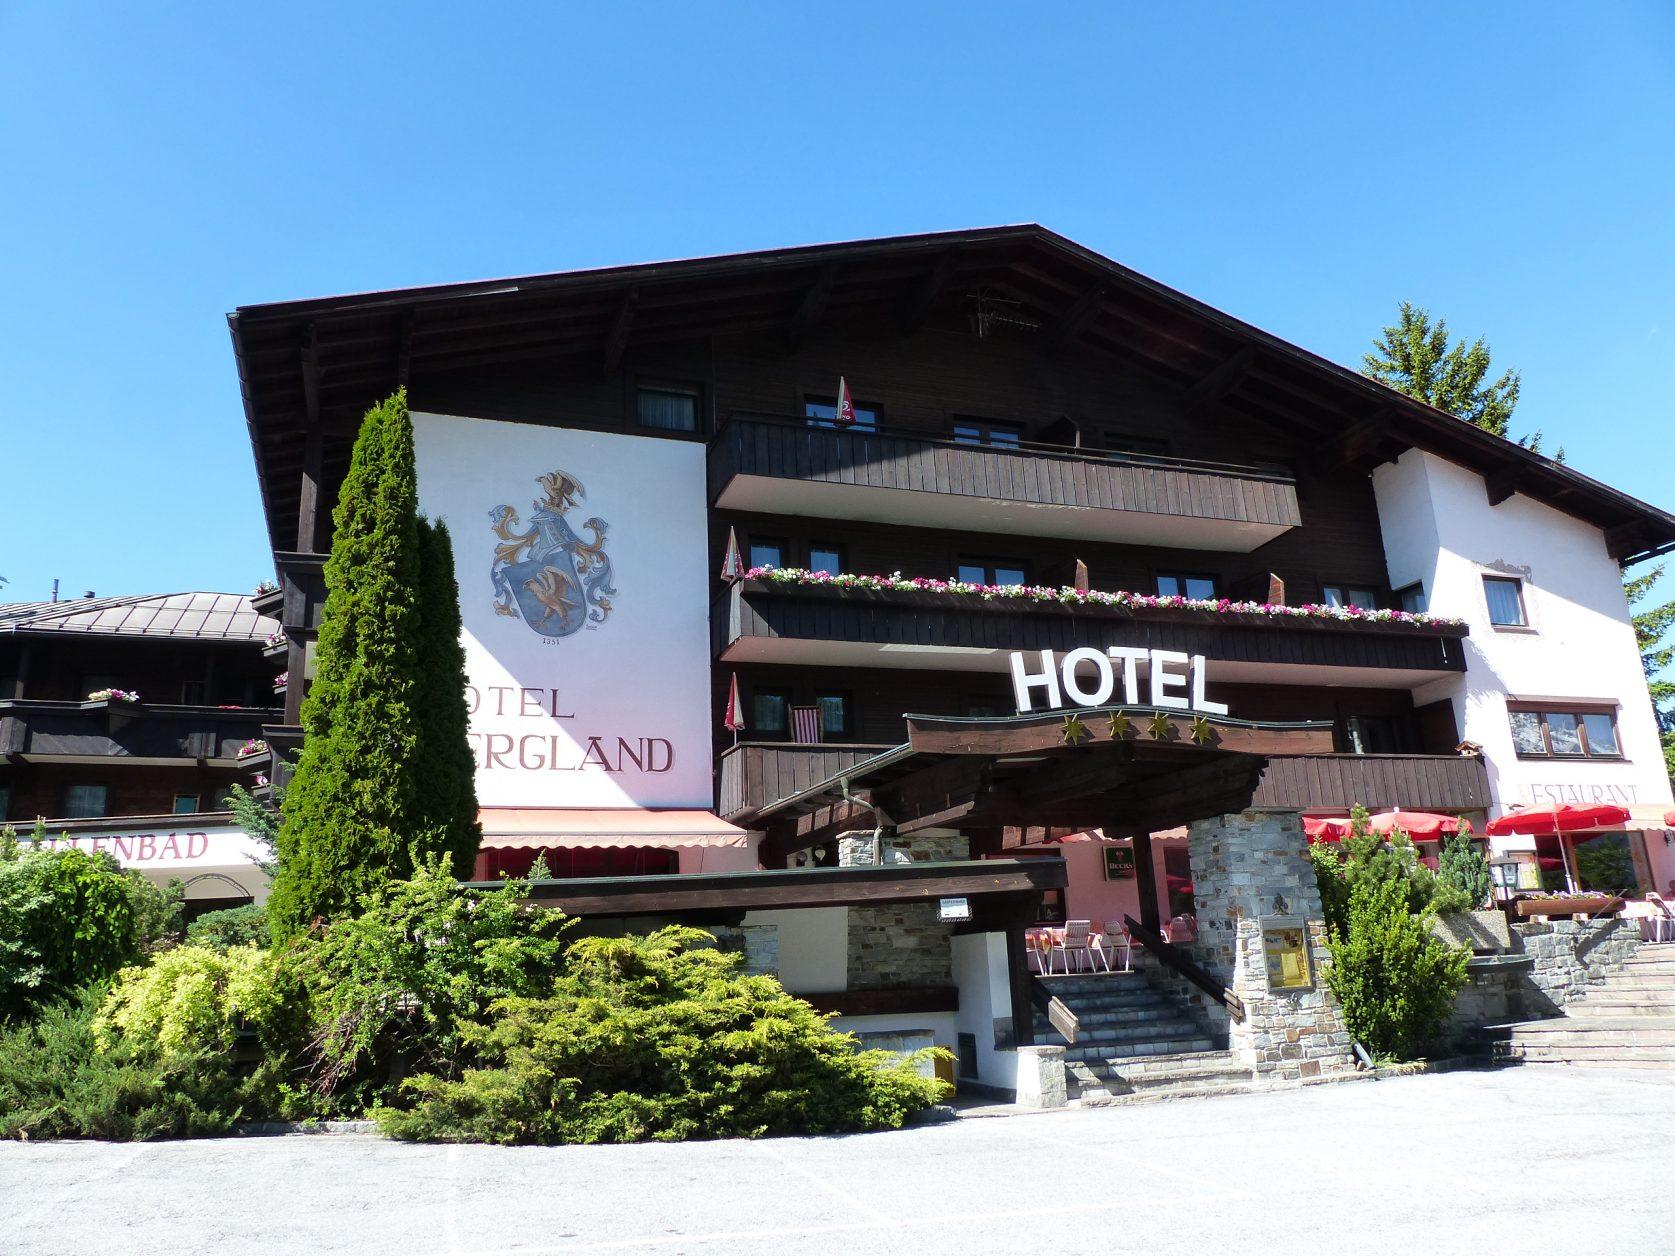 Stätte gediegener Gastlichkeit: Hotel Bergland Obsteig. Foto: D.Weirauch